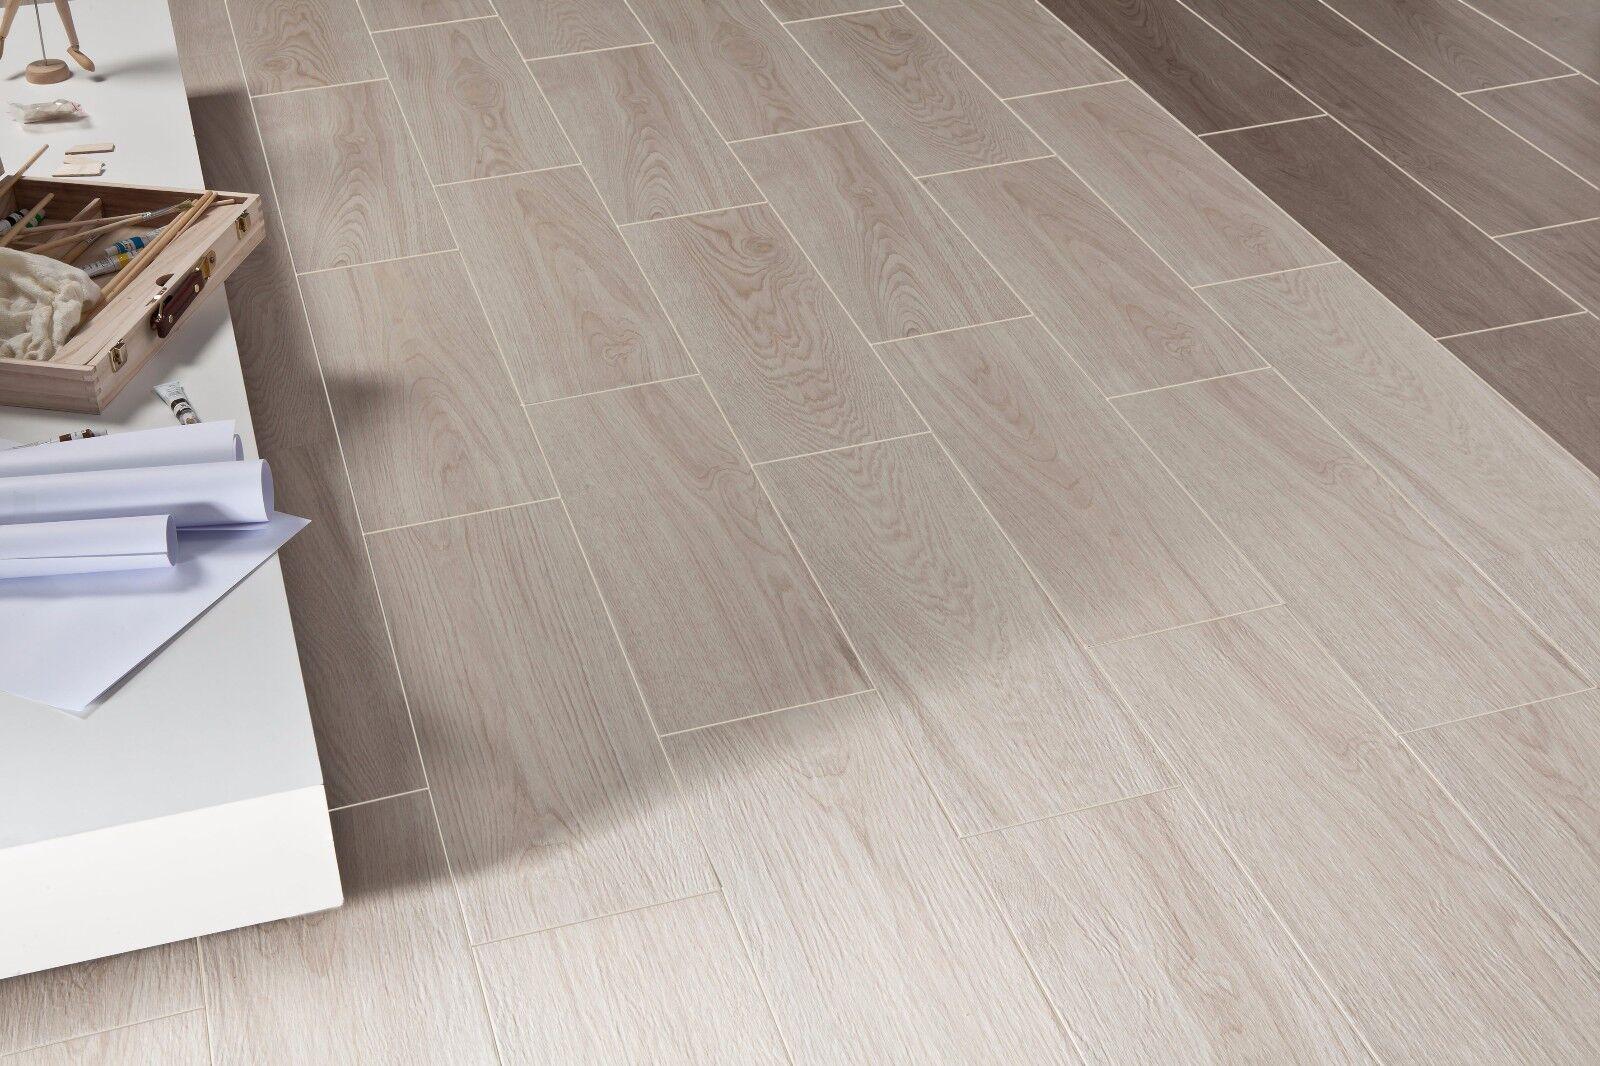 Fronda haya natural wood effect ceramic wallfloor tile 20x60 fronda roble natural wood effect ceramic wallfloor tile 20x60 dailygadgetfo Gallery